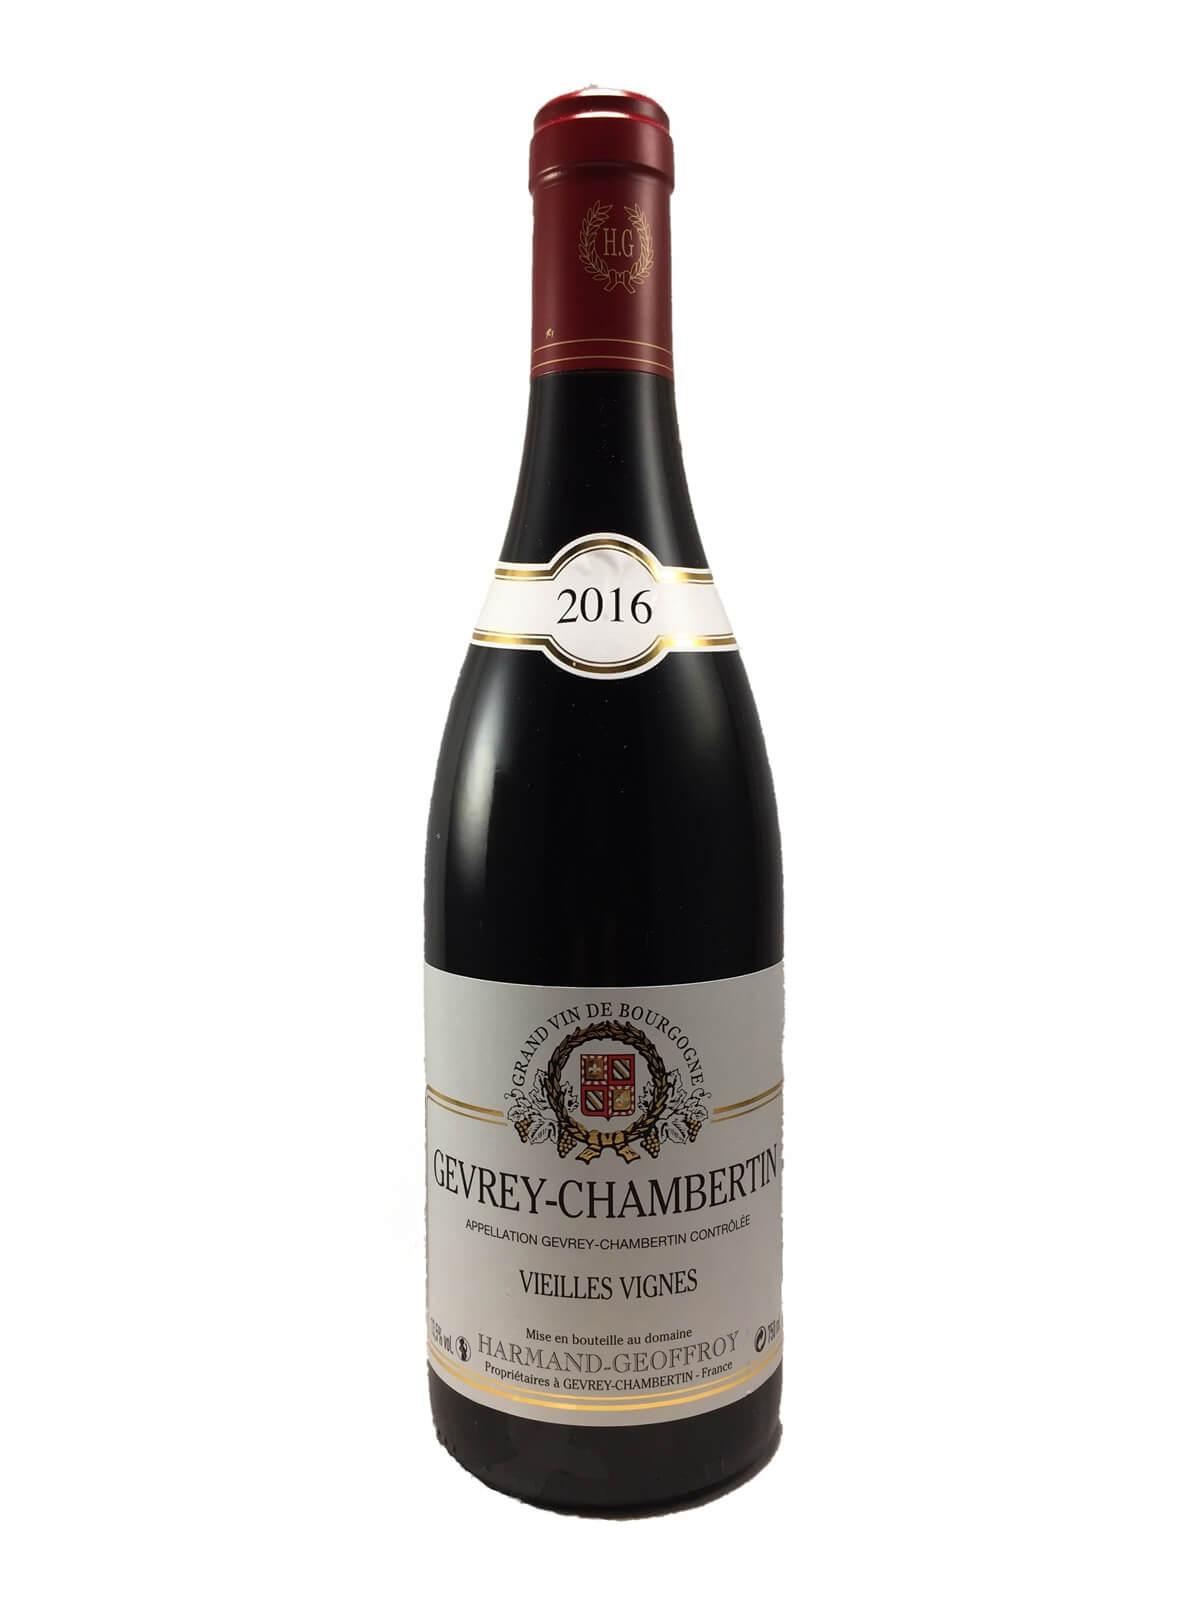 GEVREY CHAMBERTIN Vieilles Vignes 2016 Domaine HARMAND GEOFFROY